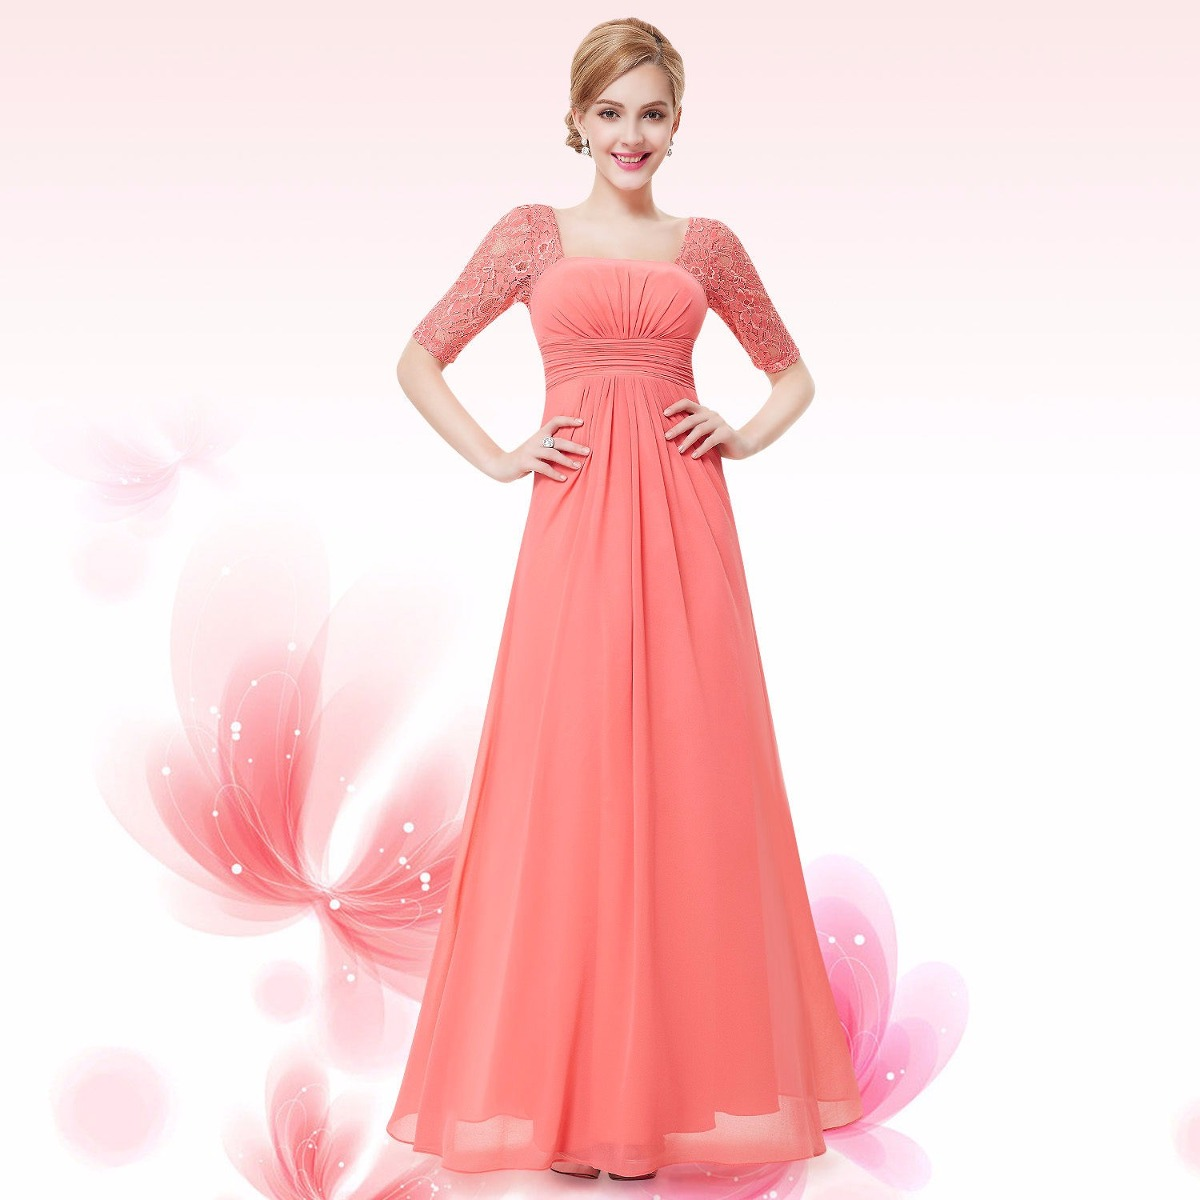 Dorable Tiendas De Vestidos De Fiesta En York Motivo - Ideas de ...